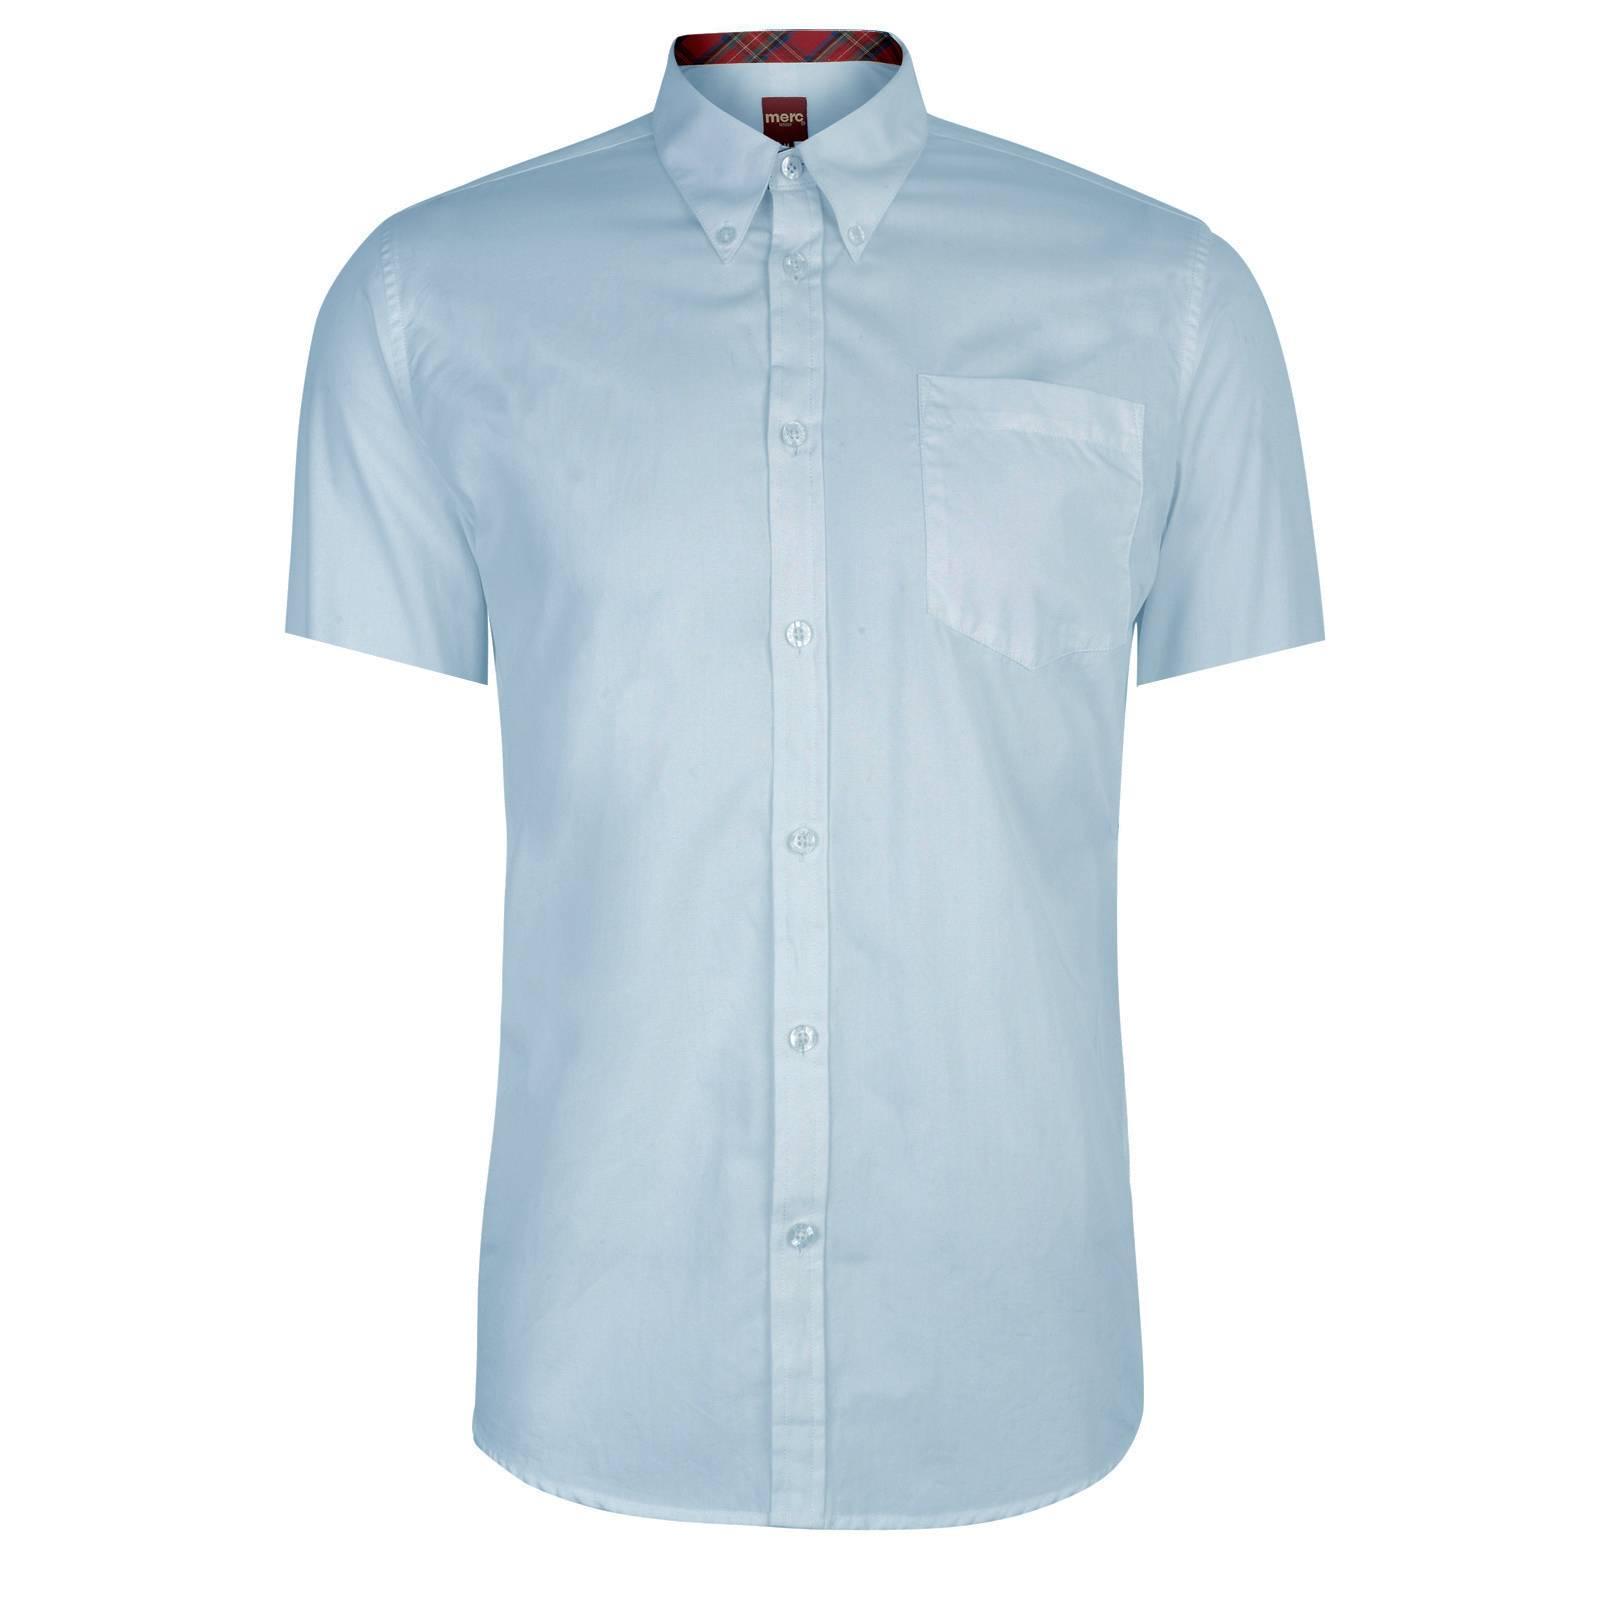 Рубашка BaxterРубашки<br>Приталенная мужская рубашка из легкого хлопкового материала с классическим воротником на пуговицах типа &amp;amp;quot;button down&amp;amp;quot;, внутренняя часть которого декорирована клетчатой тартановой тканью. При расстегнутой верхней пуговице &amp;amp;quot;тартан&amp;amp;quot; выгодно контрастирует с однотонным основанием, не бросаясь в глаза. &amp;lt;br /&amp;gt;<br>&amp;lt;br /&amp;gt;<br>Рукава этой рубашки заужены и не топорщатся, аккуратно облегая руки&amp;lt;br /&amp;gt;<br>&amp;lt;br /&amp;gt;<br>Можно надевать под трикотаж или с классическим костюмом, если нужно соблюсти строгий стиль в жаркую погоду. Заправлять в брюки, дополняя узкими подтяжками или галстуком-селедкой, а также навыпуск - с топсайдерами и даже кедами.<br><br>Артикул: 1507102<br>Материал: 100% хлопок<br>Цвет: голубой<br>Пол: Мужской